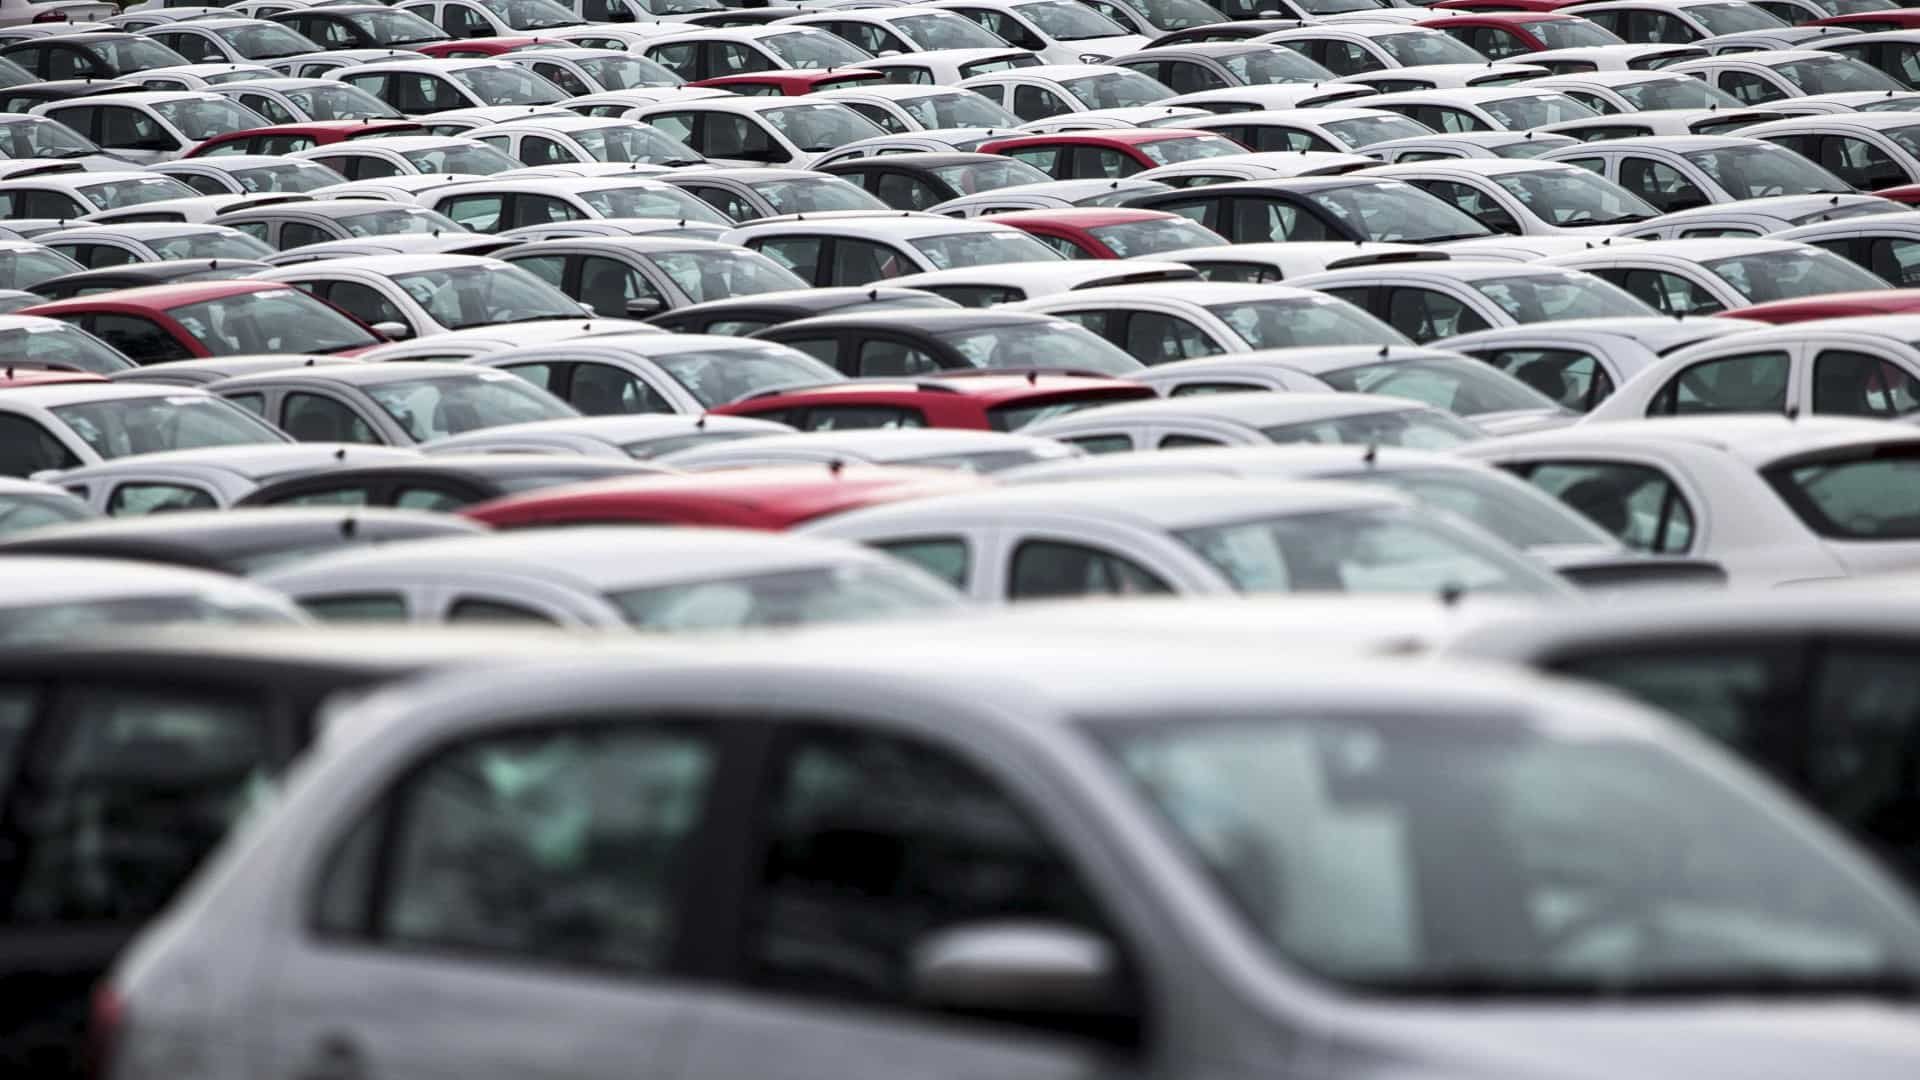 Crise argentina afeta produção brasileira de veículos